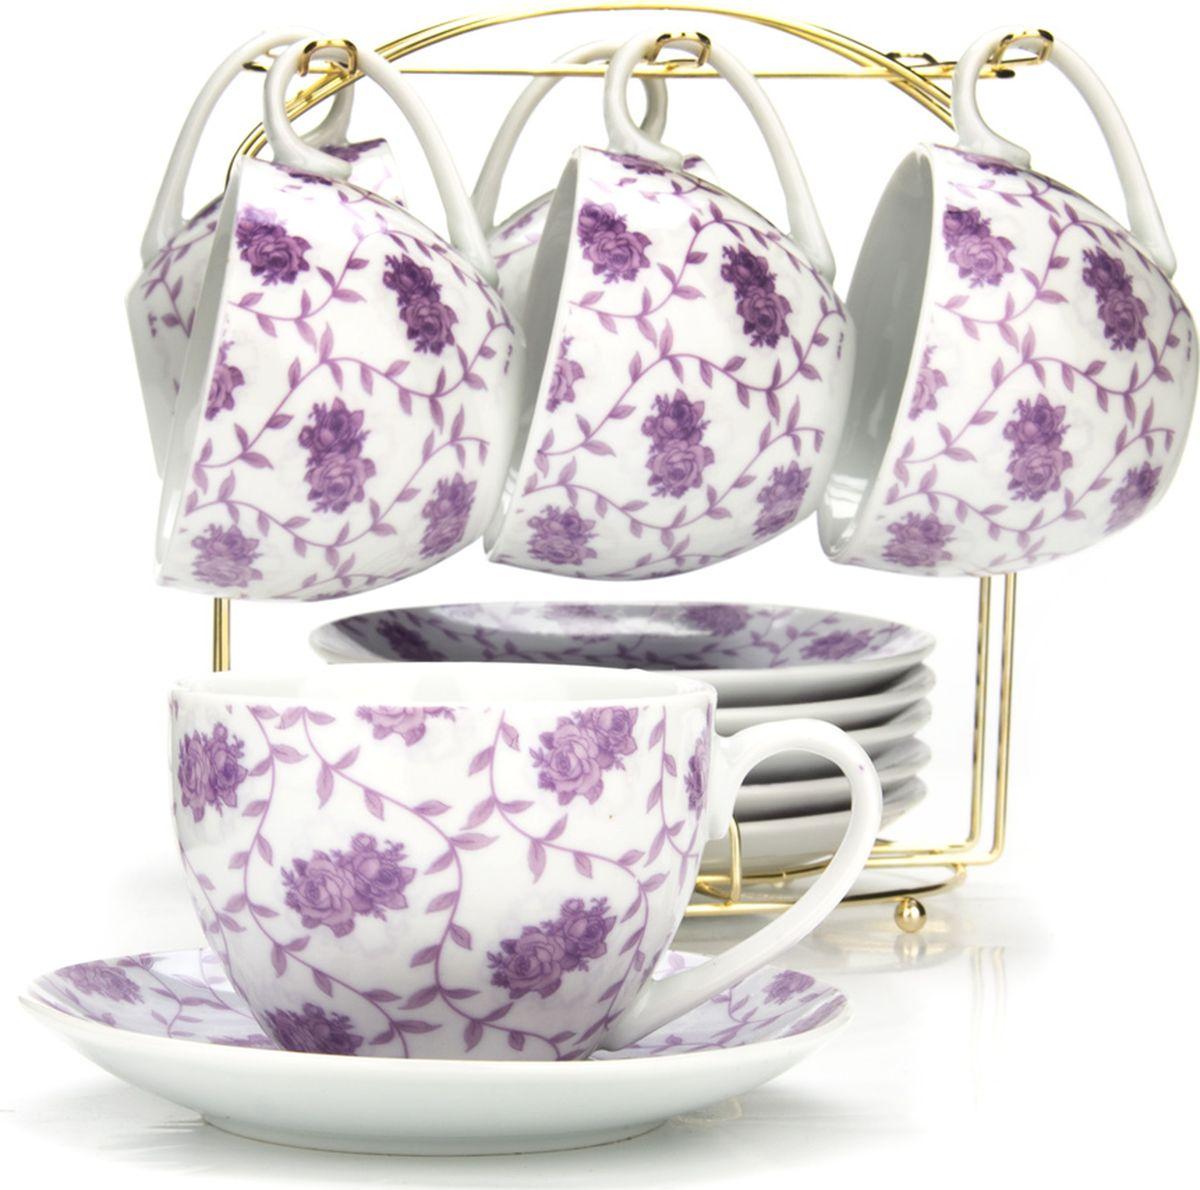 Сервиз чайный Loraine, на подставке, 13 предметов. 43290VT-1520(SR)Чайный набор состоит из шести чашек, шести блюдец и металлической подставки золотого цвета. Предметы набора изготовлены из качественного фарфора и оформлены красочным цветным рисунком. Чайный набор идеально подойдет для сервировки стола и станет отличным подарком к любому празднику. Все изделия можно компактно хранить на подставке, входящей в набор. Подходит для мытья в посудомоечной машине.Диаметр чашки: 9 см.Высота чашки: 7 см.Объем чашки: 220 мл.Диаметр блюдца: 14 см.